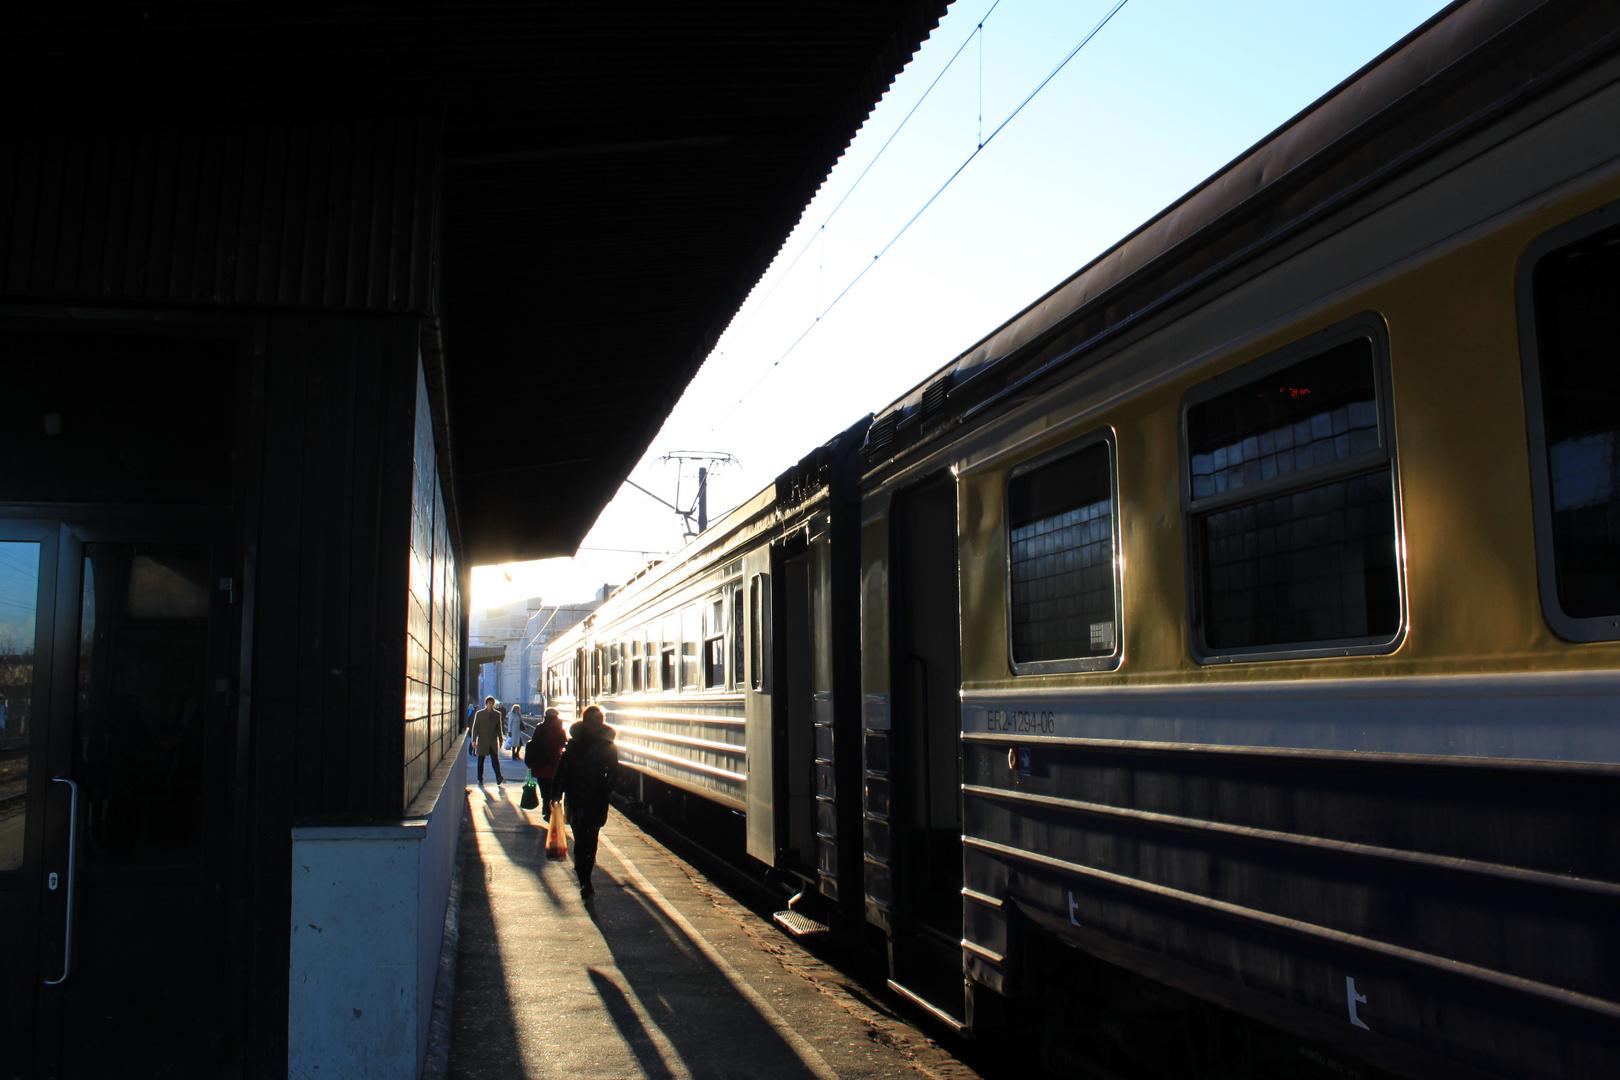 Central Station Riga / Hauptbahnhof Riga